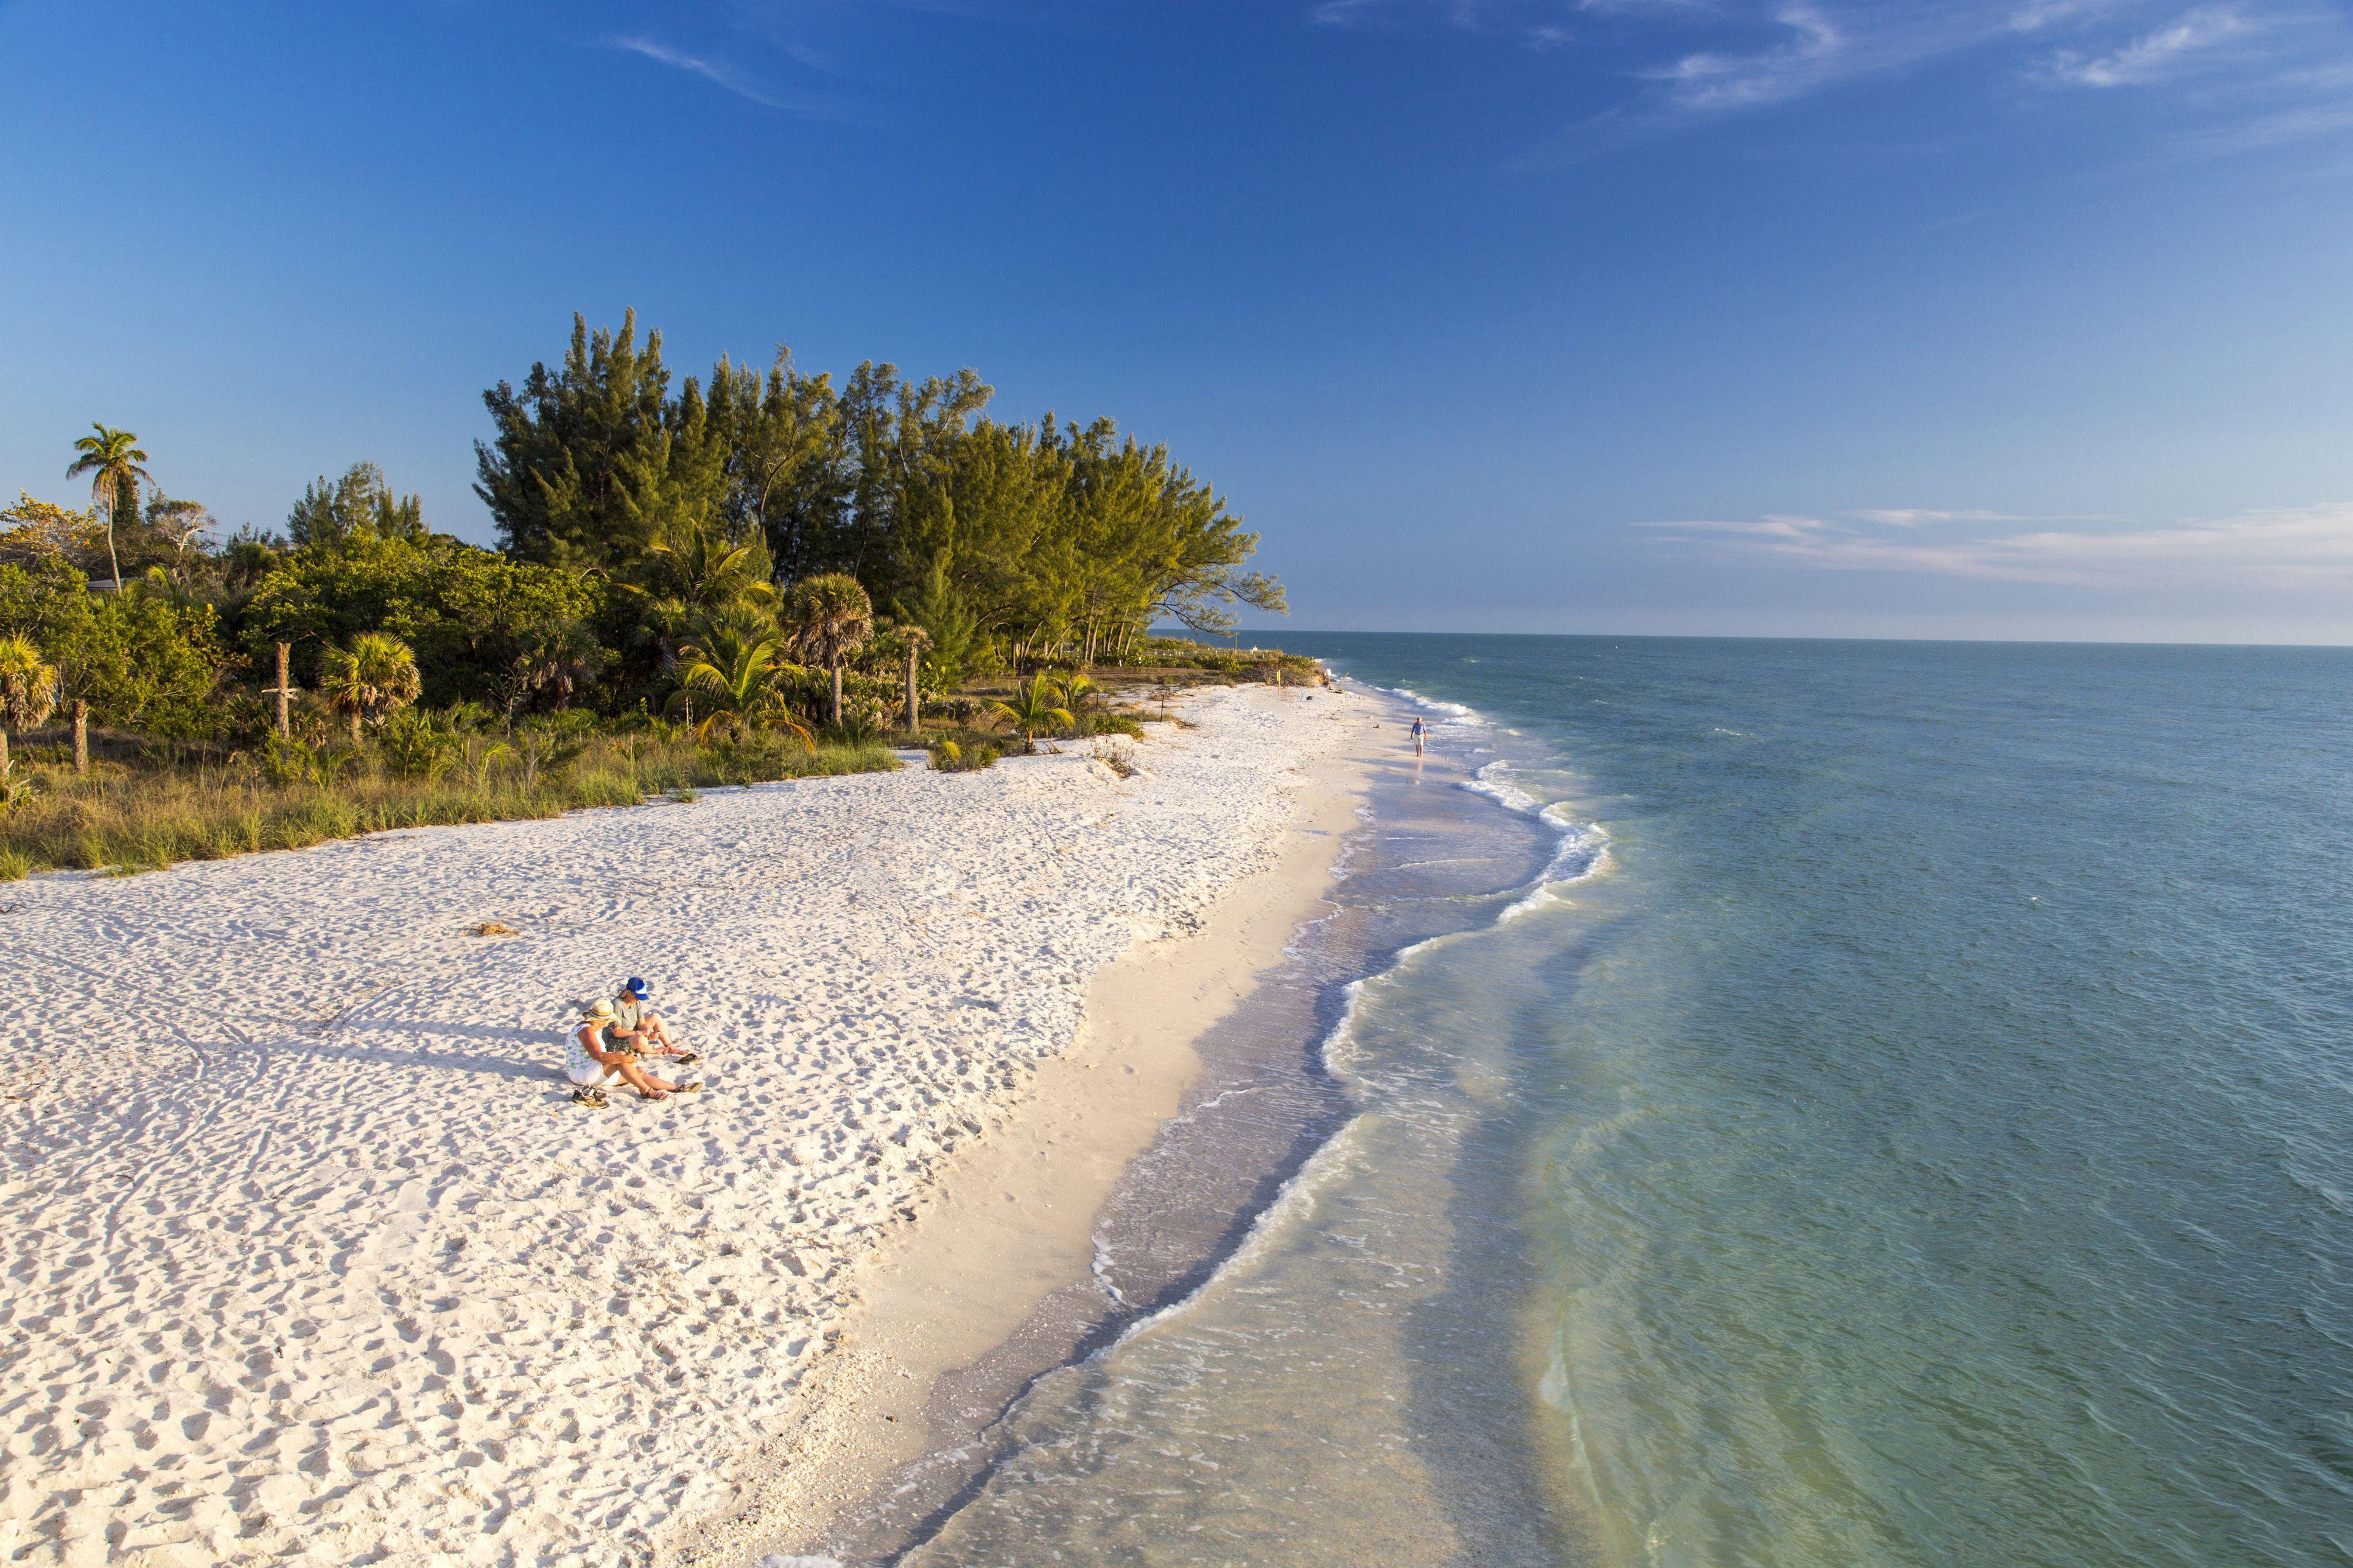 Weißer Sandstrand bei Sonnenuntergang auf Sanibel Island, Florida, USA